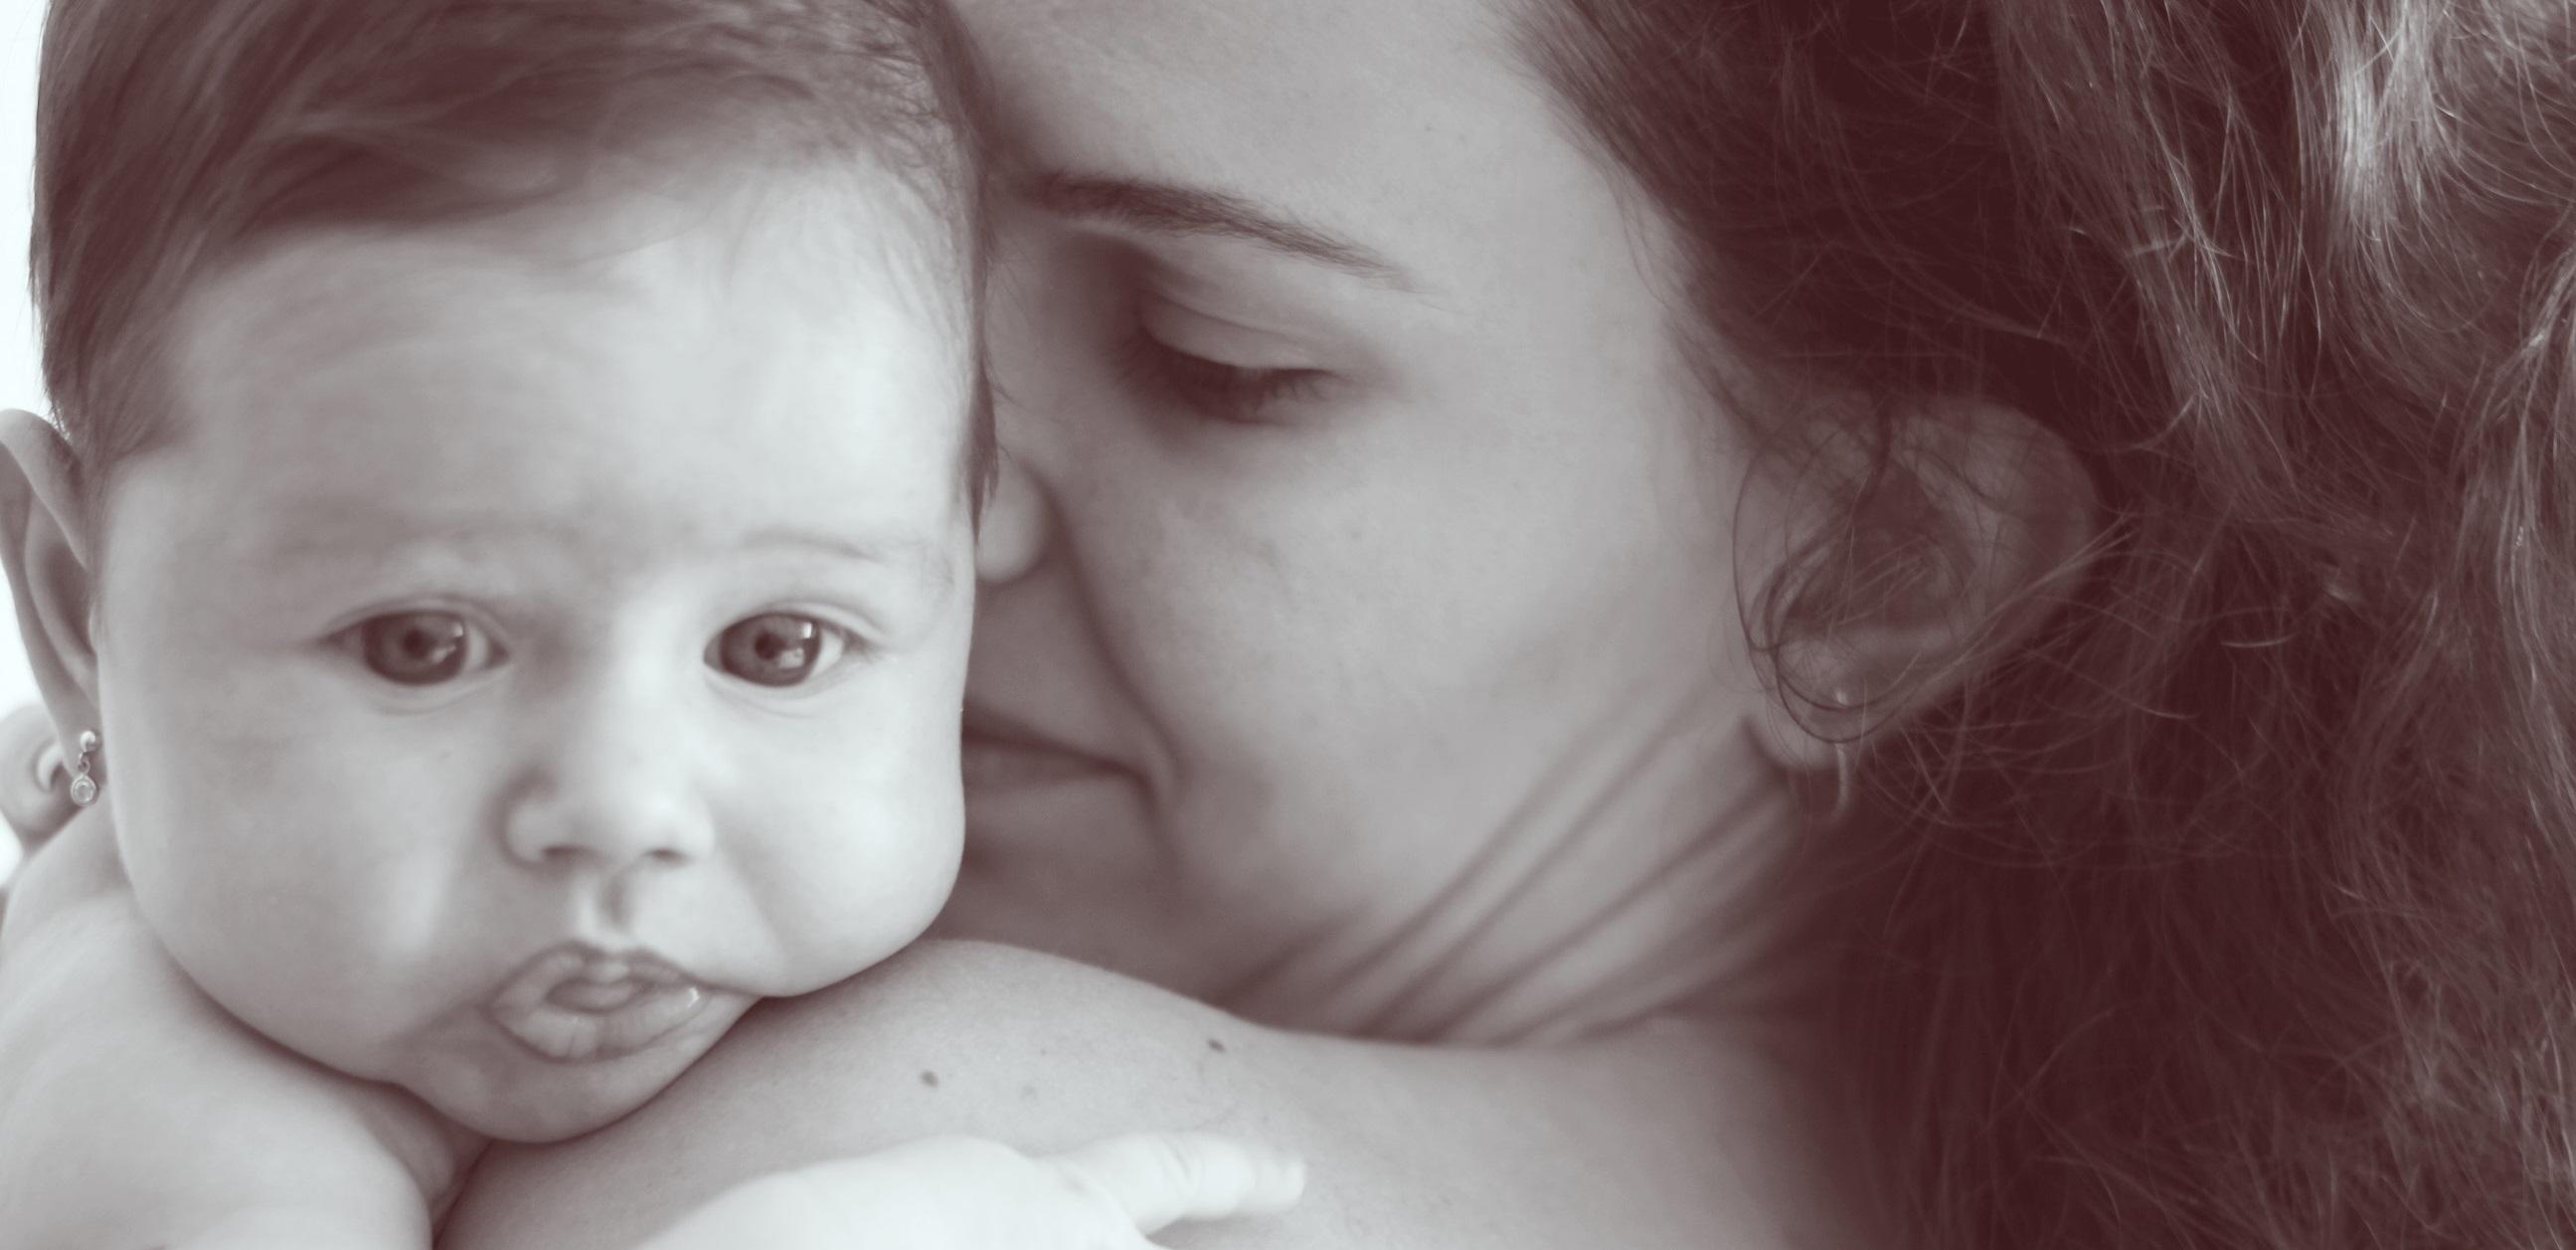 Curso de Especialização Gestão em Saúde Materno-infantil